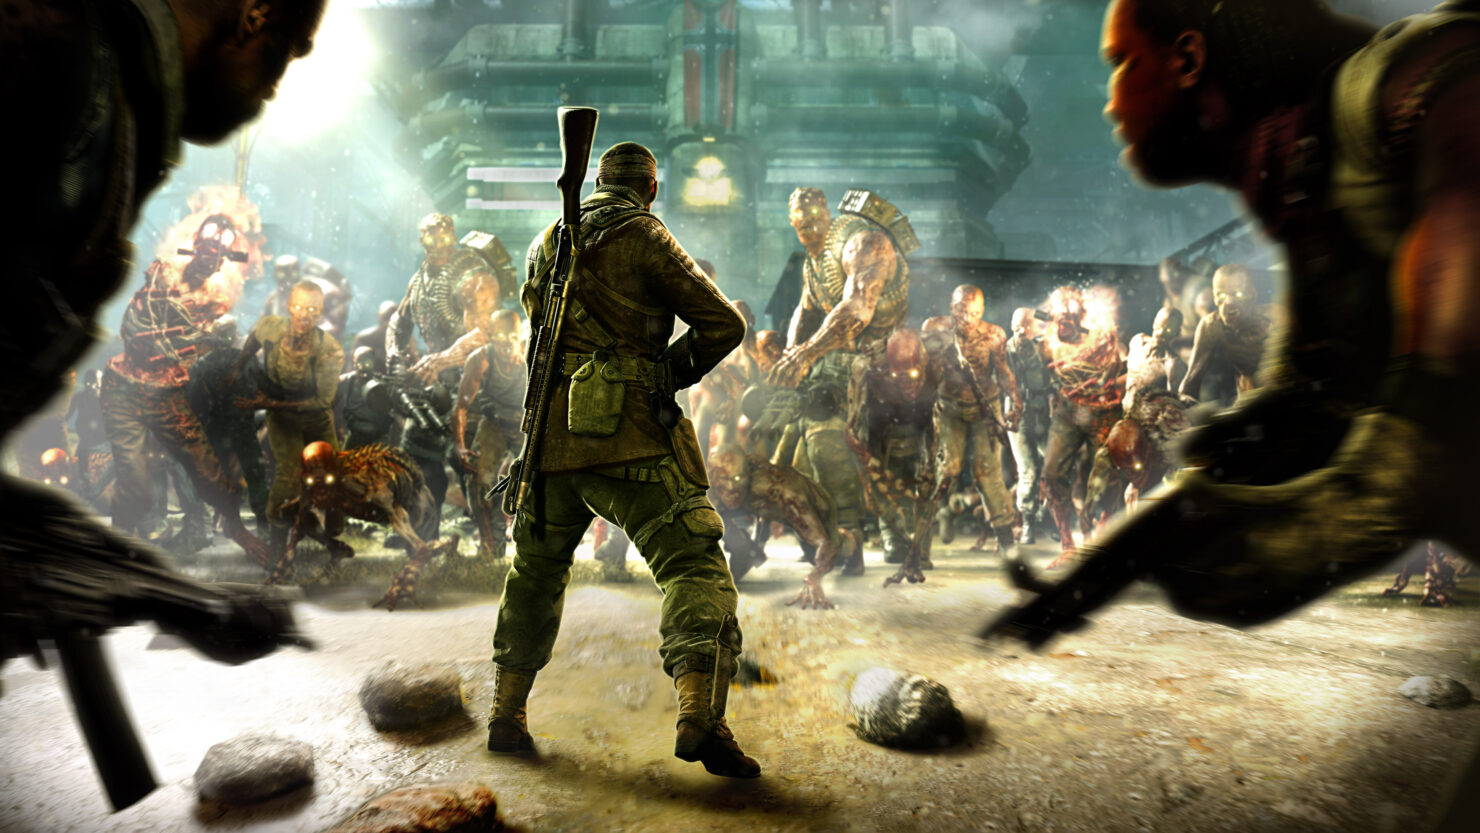 Картинки зомби военных